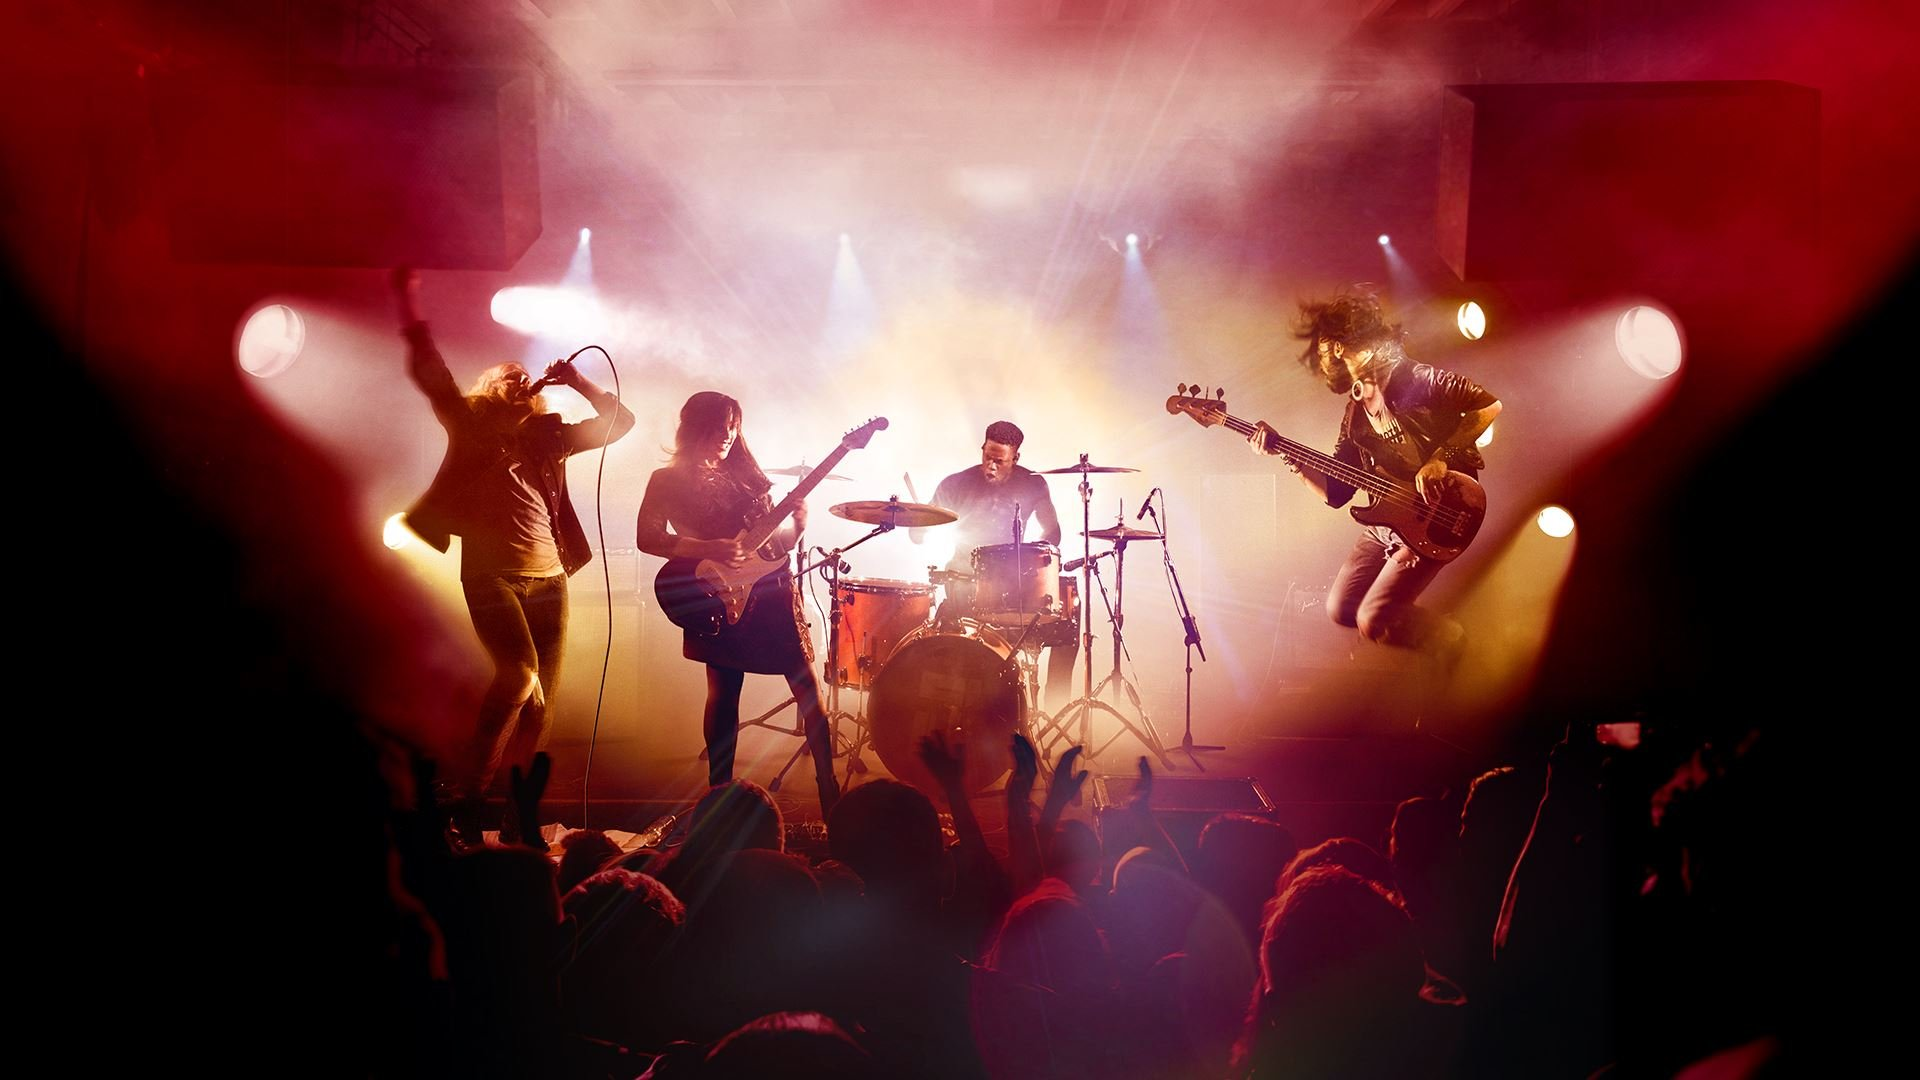 Metal Concert